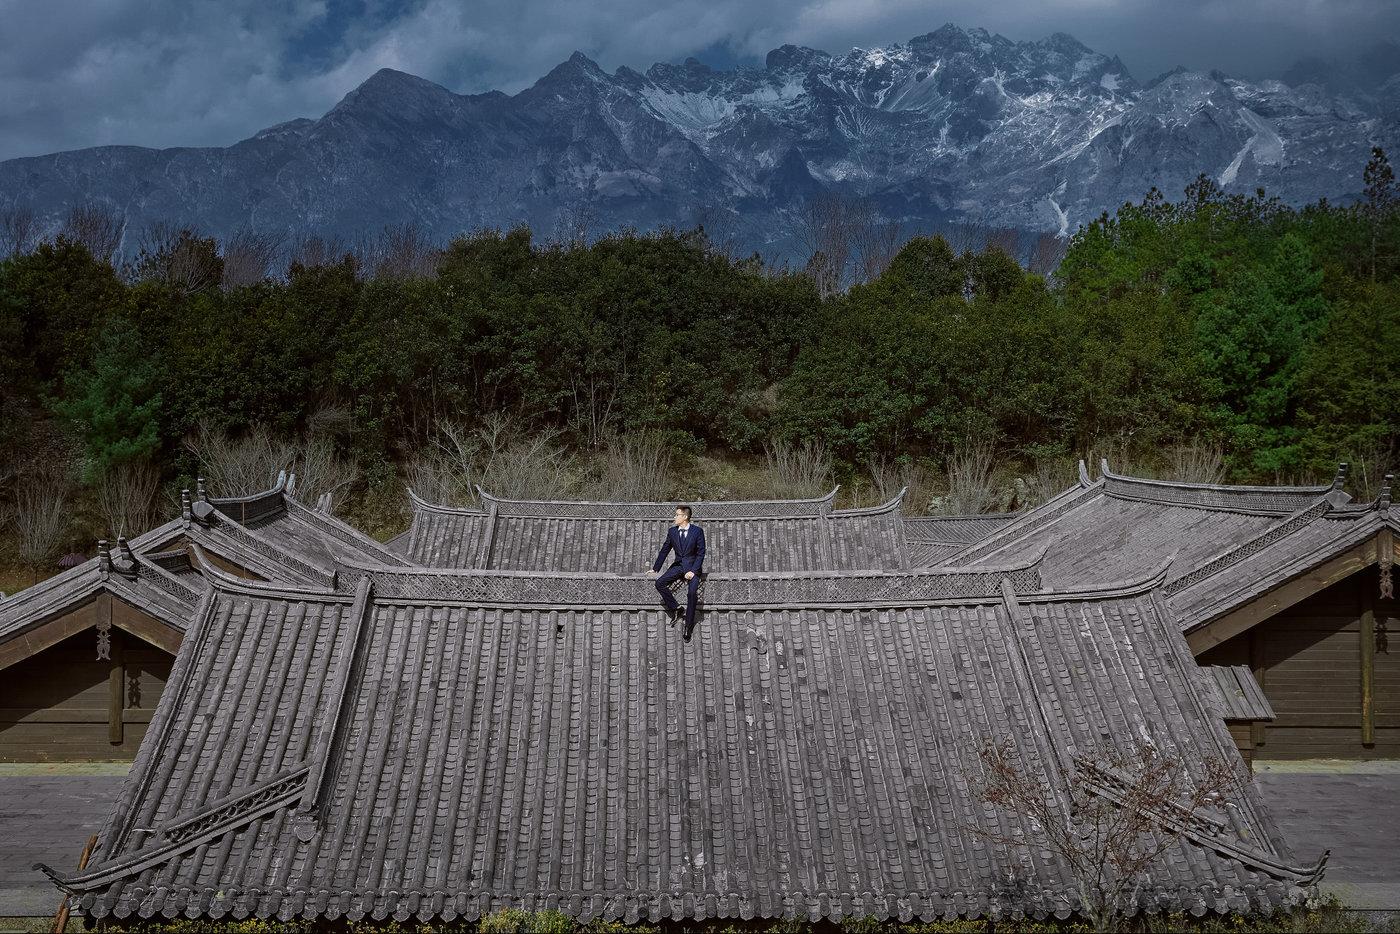 丽江 l 玉龙雪山下轻盈的苏醒5